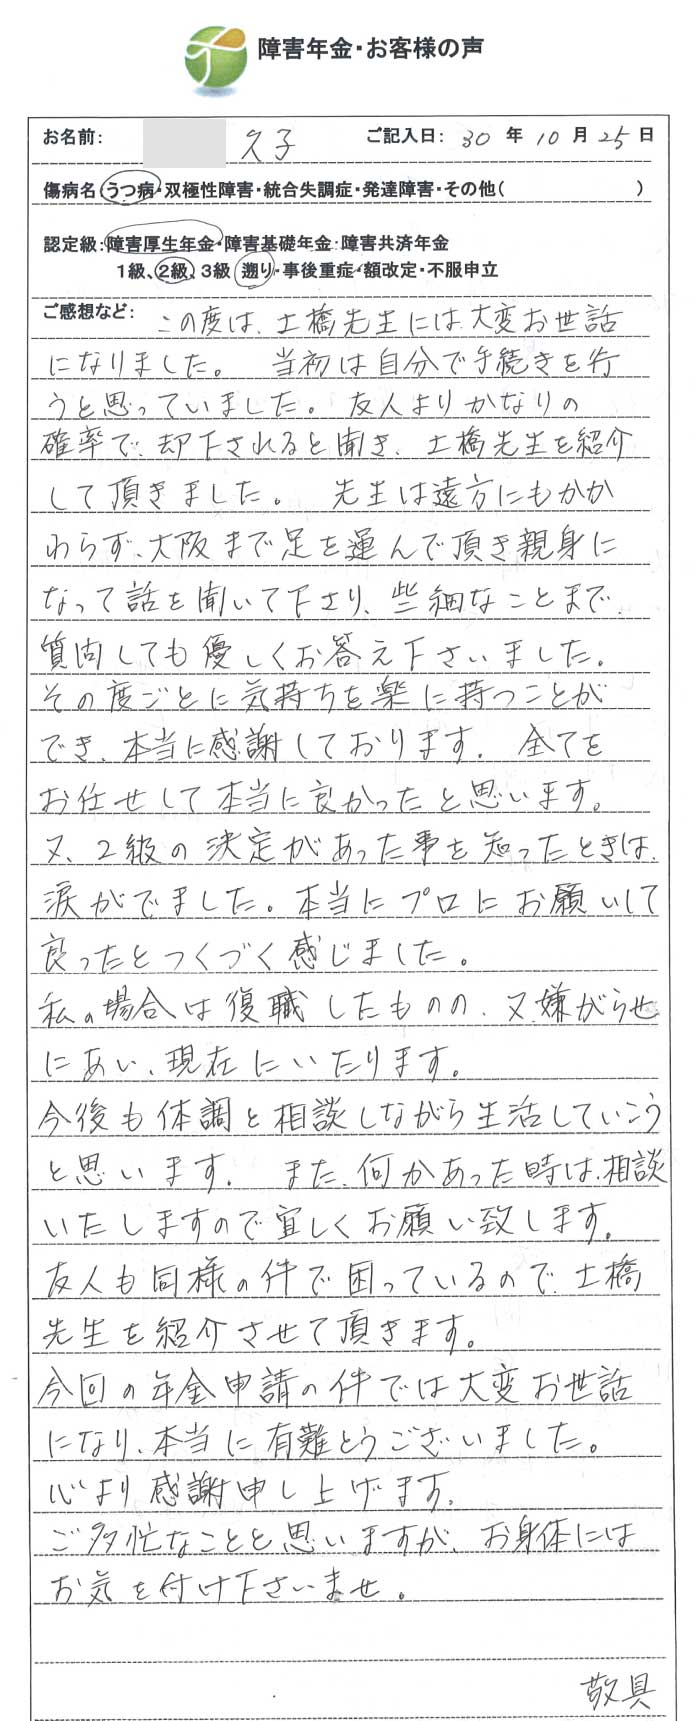 久子様のご依頼から申請までの経過